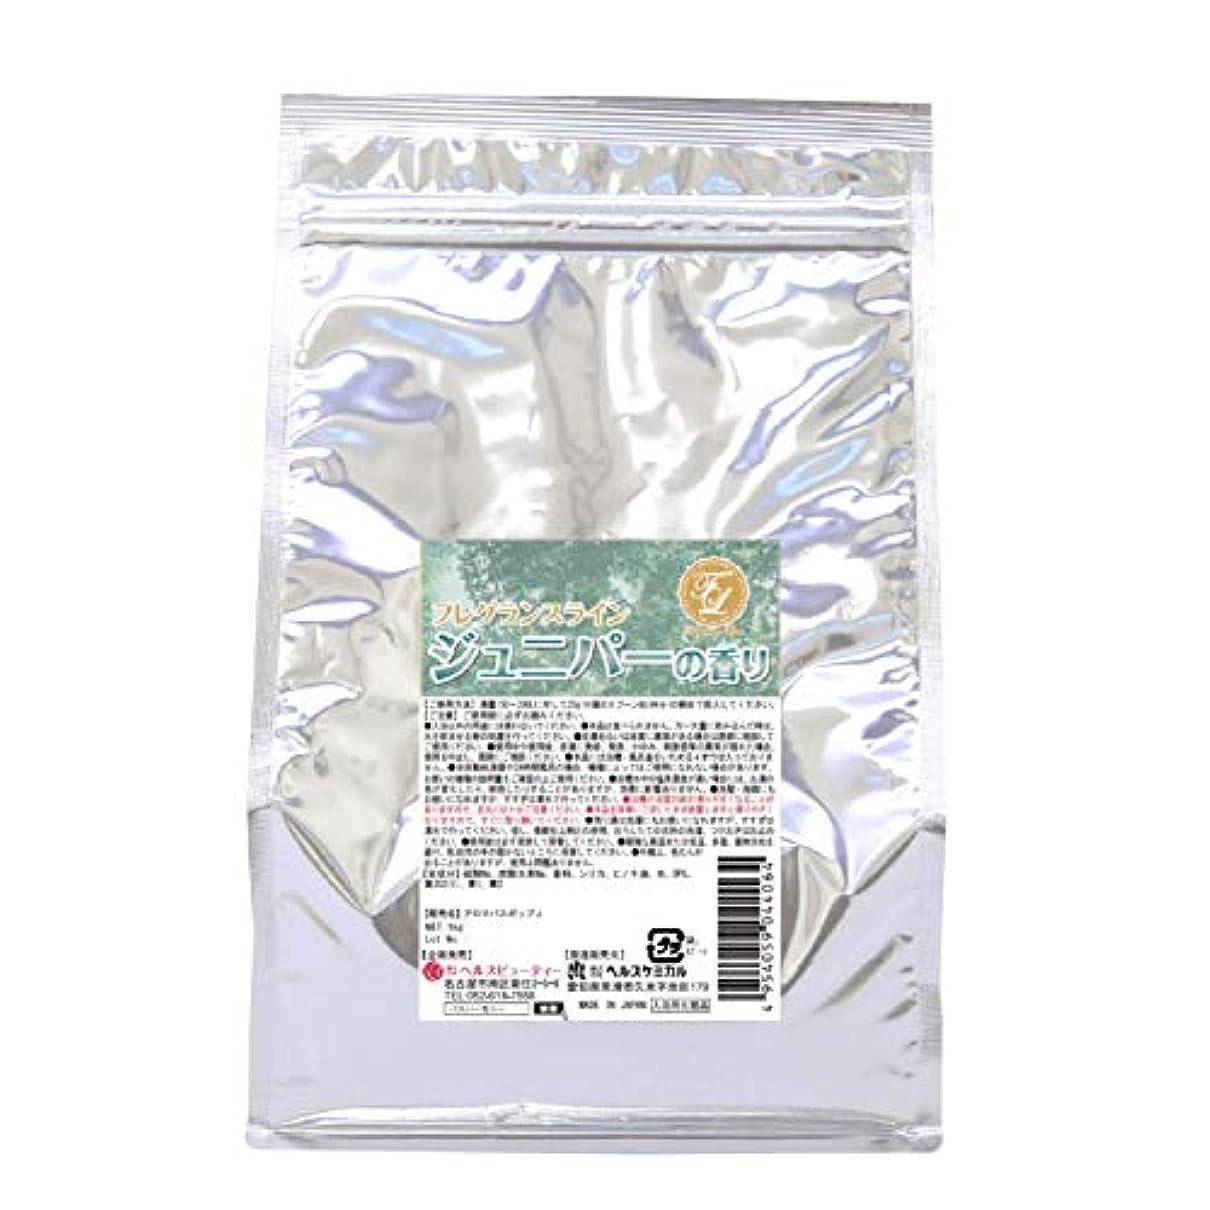 シリンダーノベルティ満足入浴剤 湯匠仕込 ジュニパーの香り 1kg 50回分 お徳用